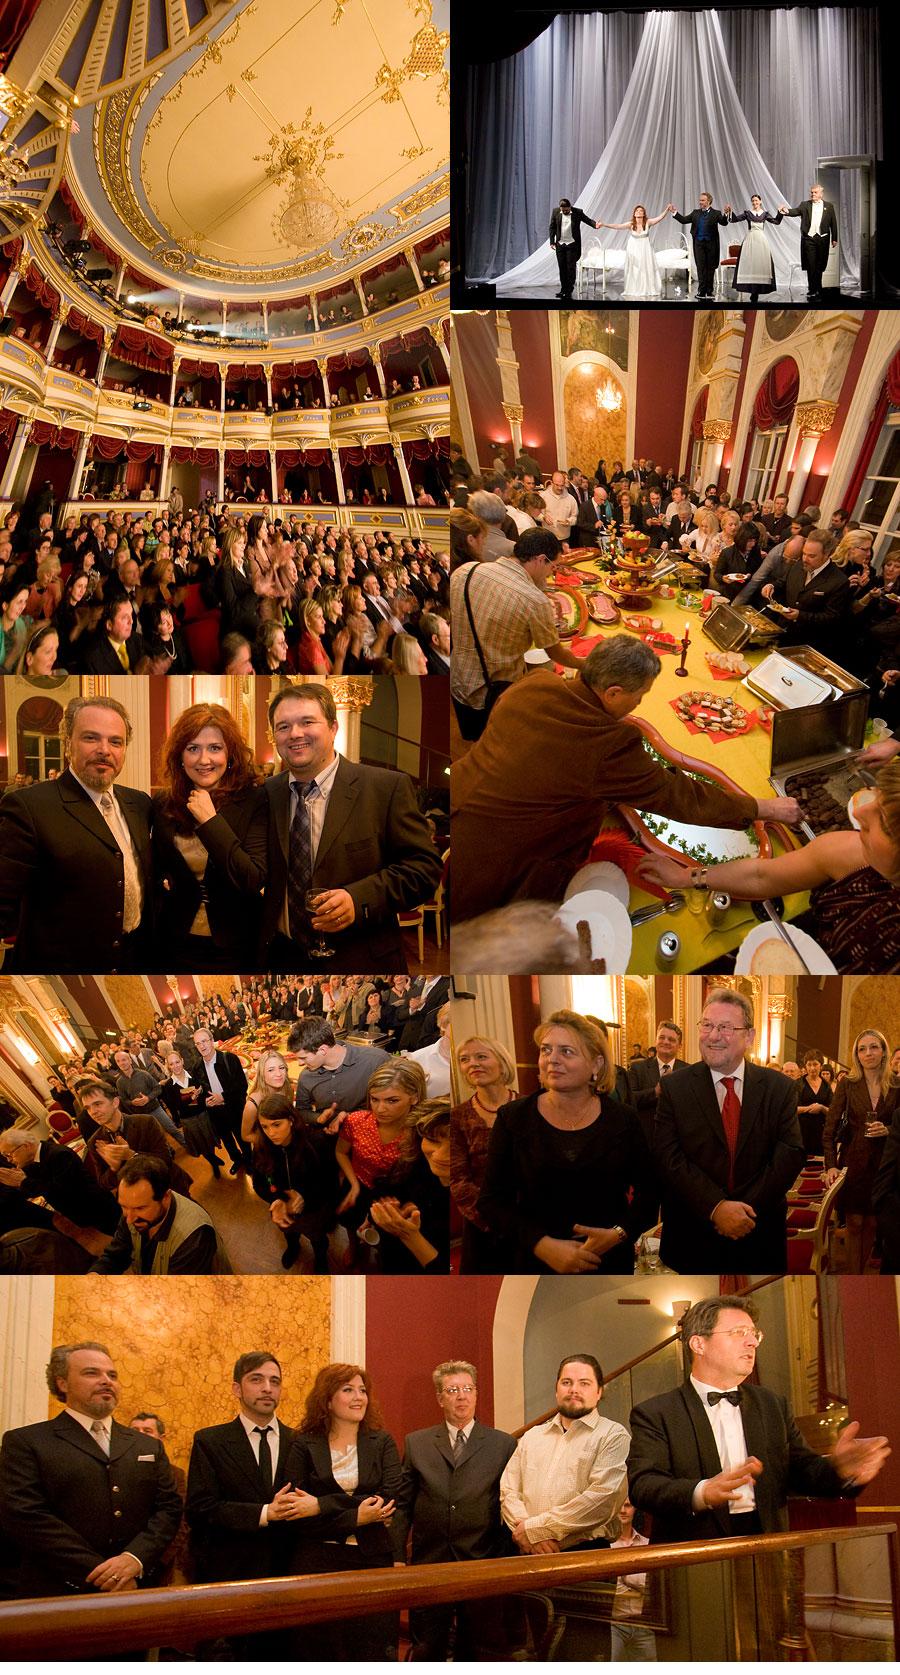 HNK: Traviata - premijera [kolaž]  Foto: steam  Ključne riječi: hnk traviata kolaz